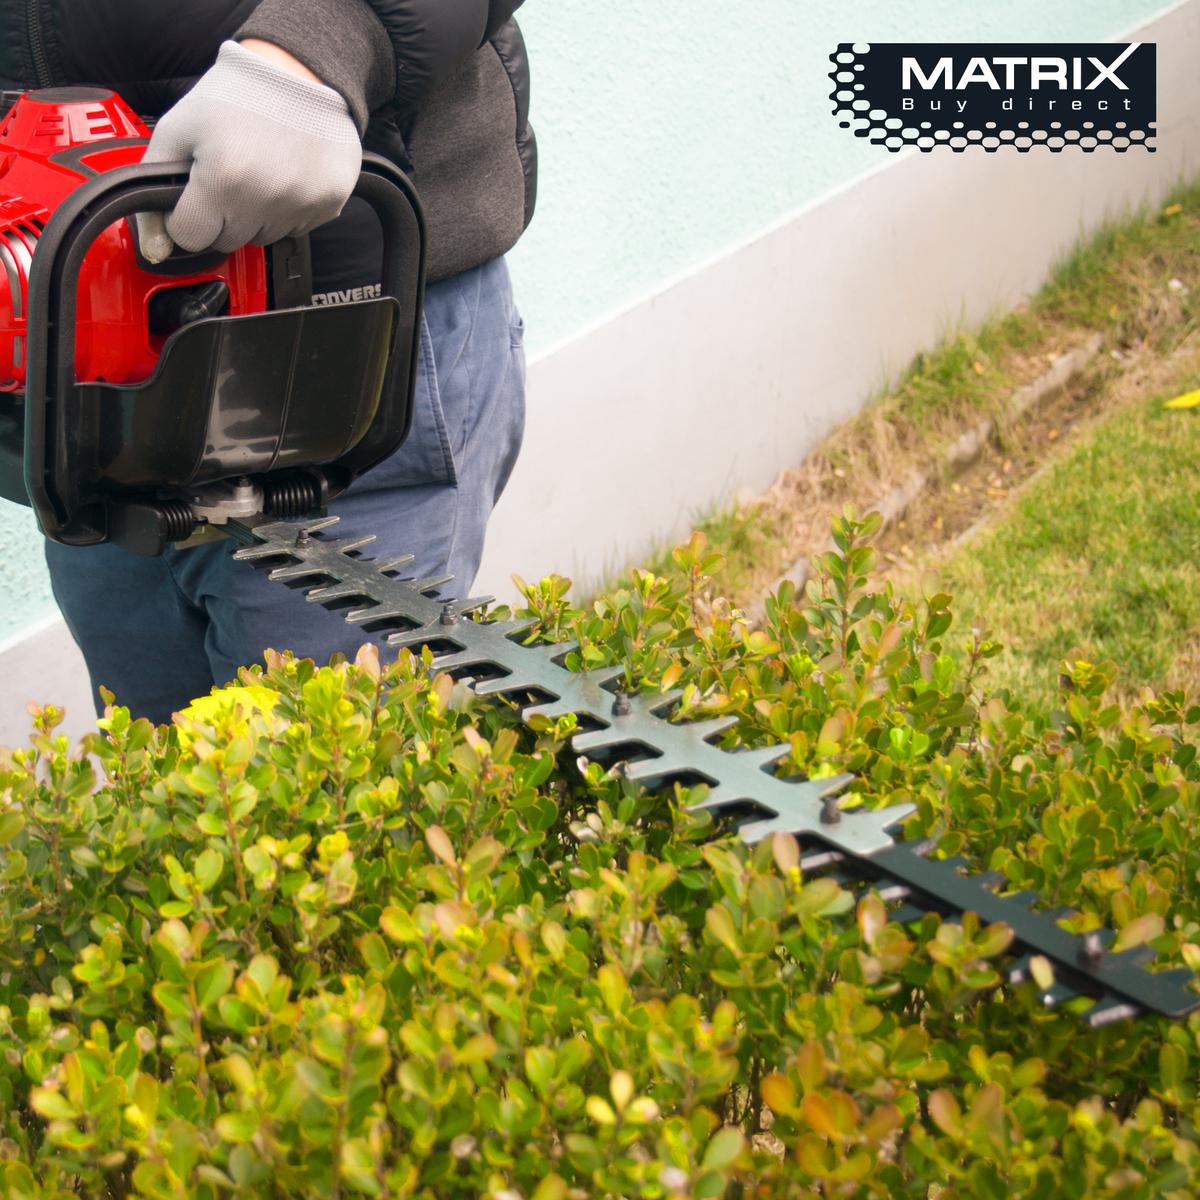 Bild 4 von Matrix Benzin Heckenschere PHT 26-750 26cc